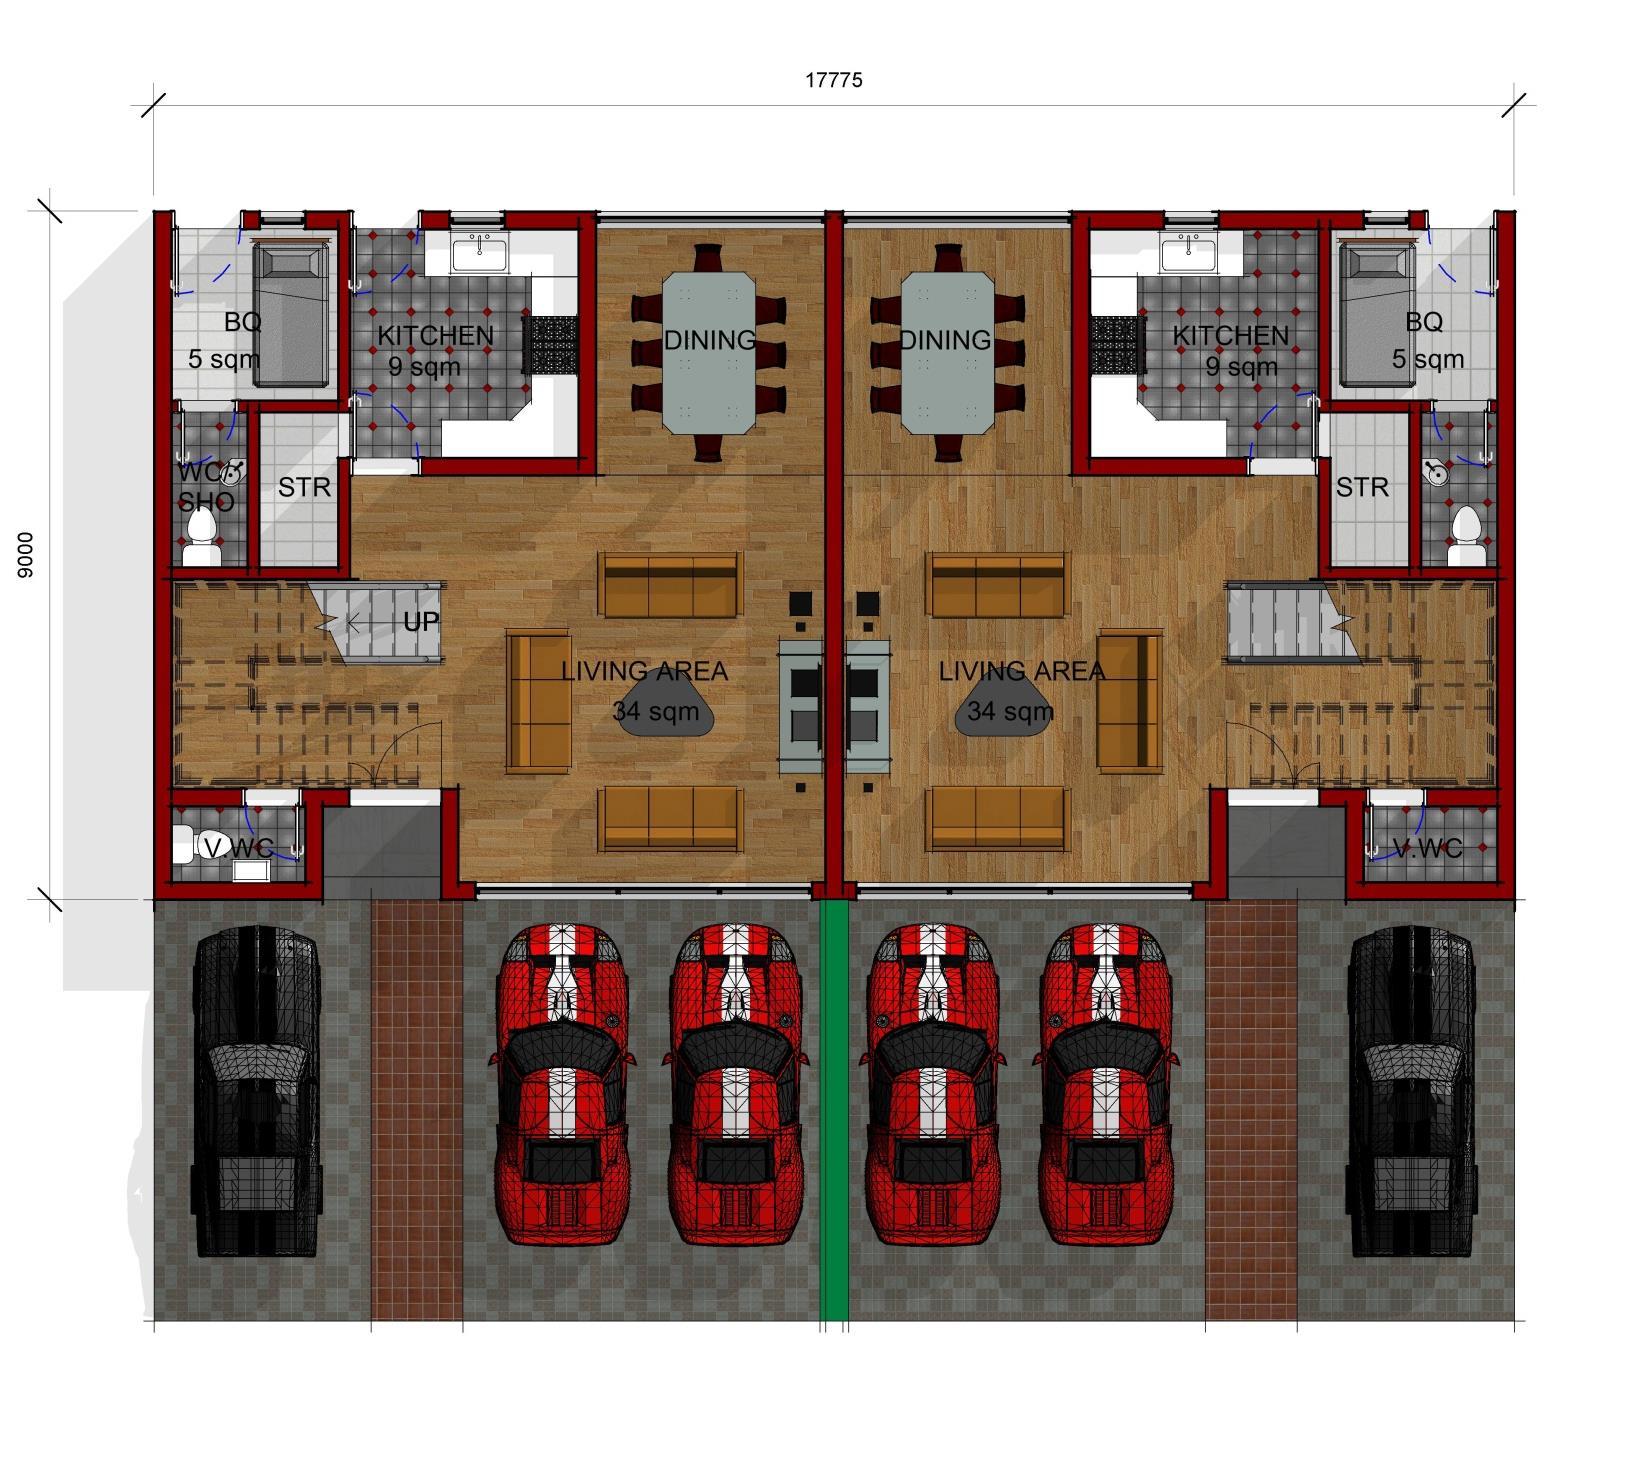 Semi Detached Ground Floor Plan